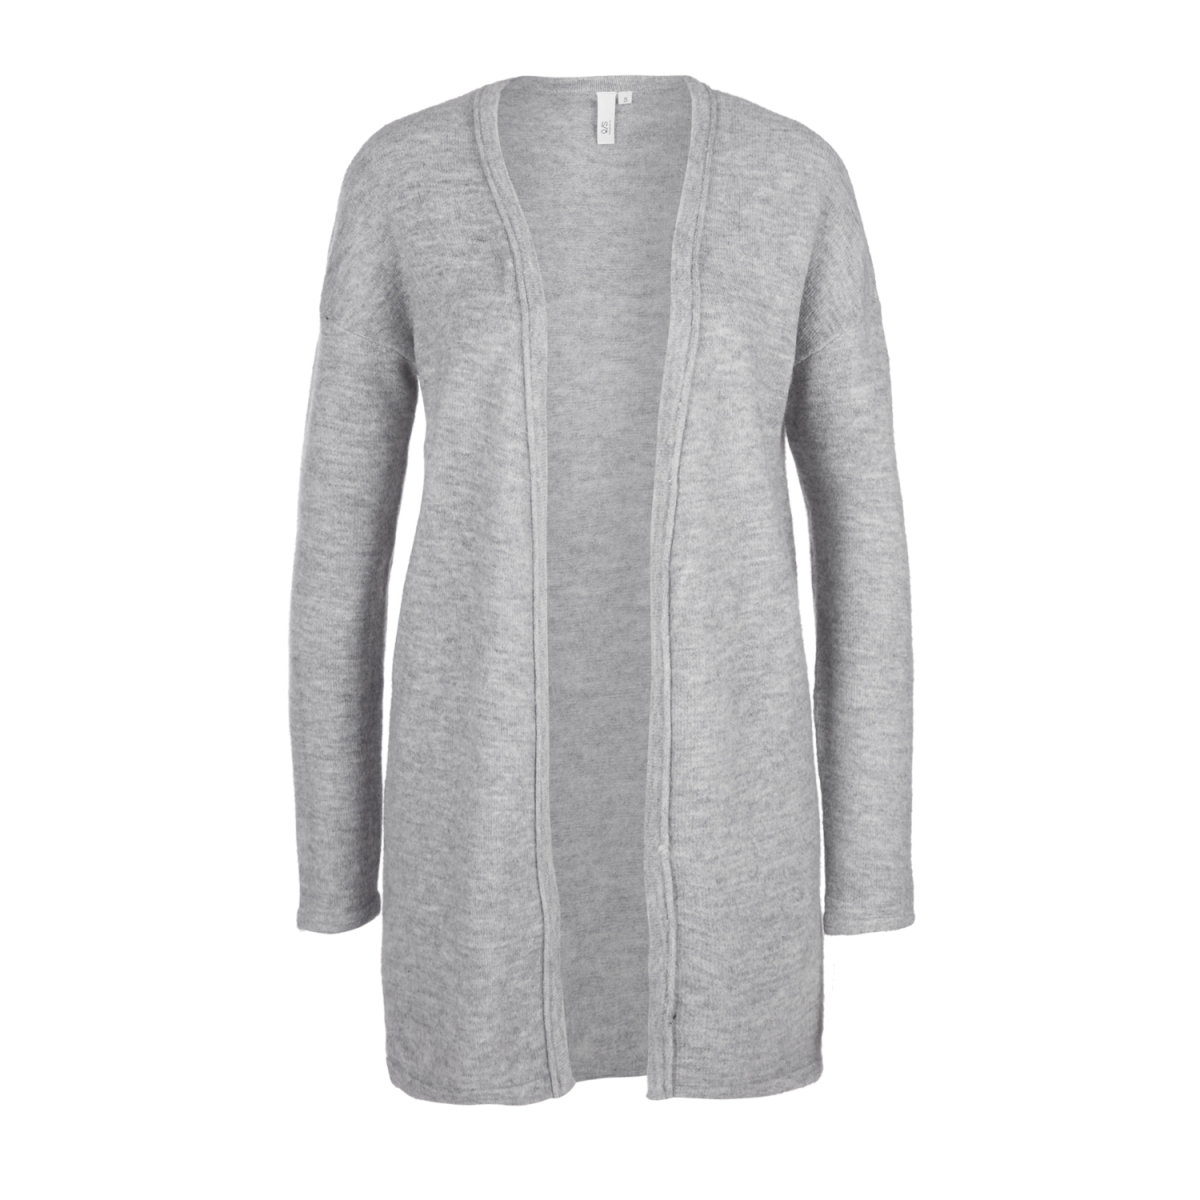 halflang vest 45899642013 q/s designed by vest 9400